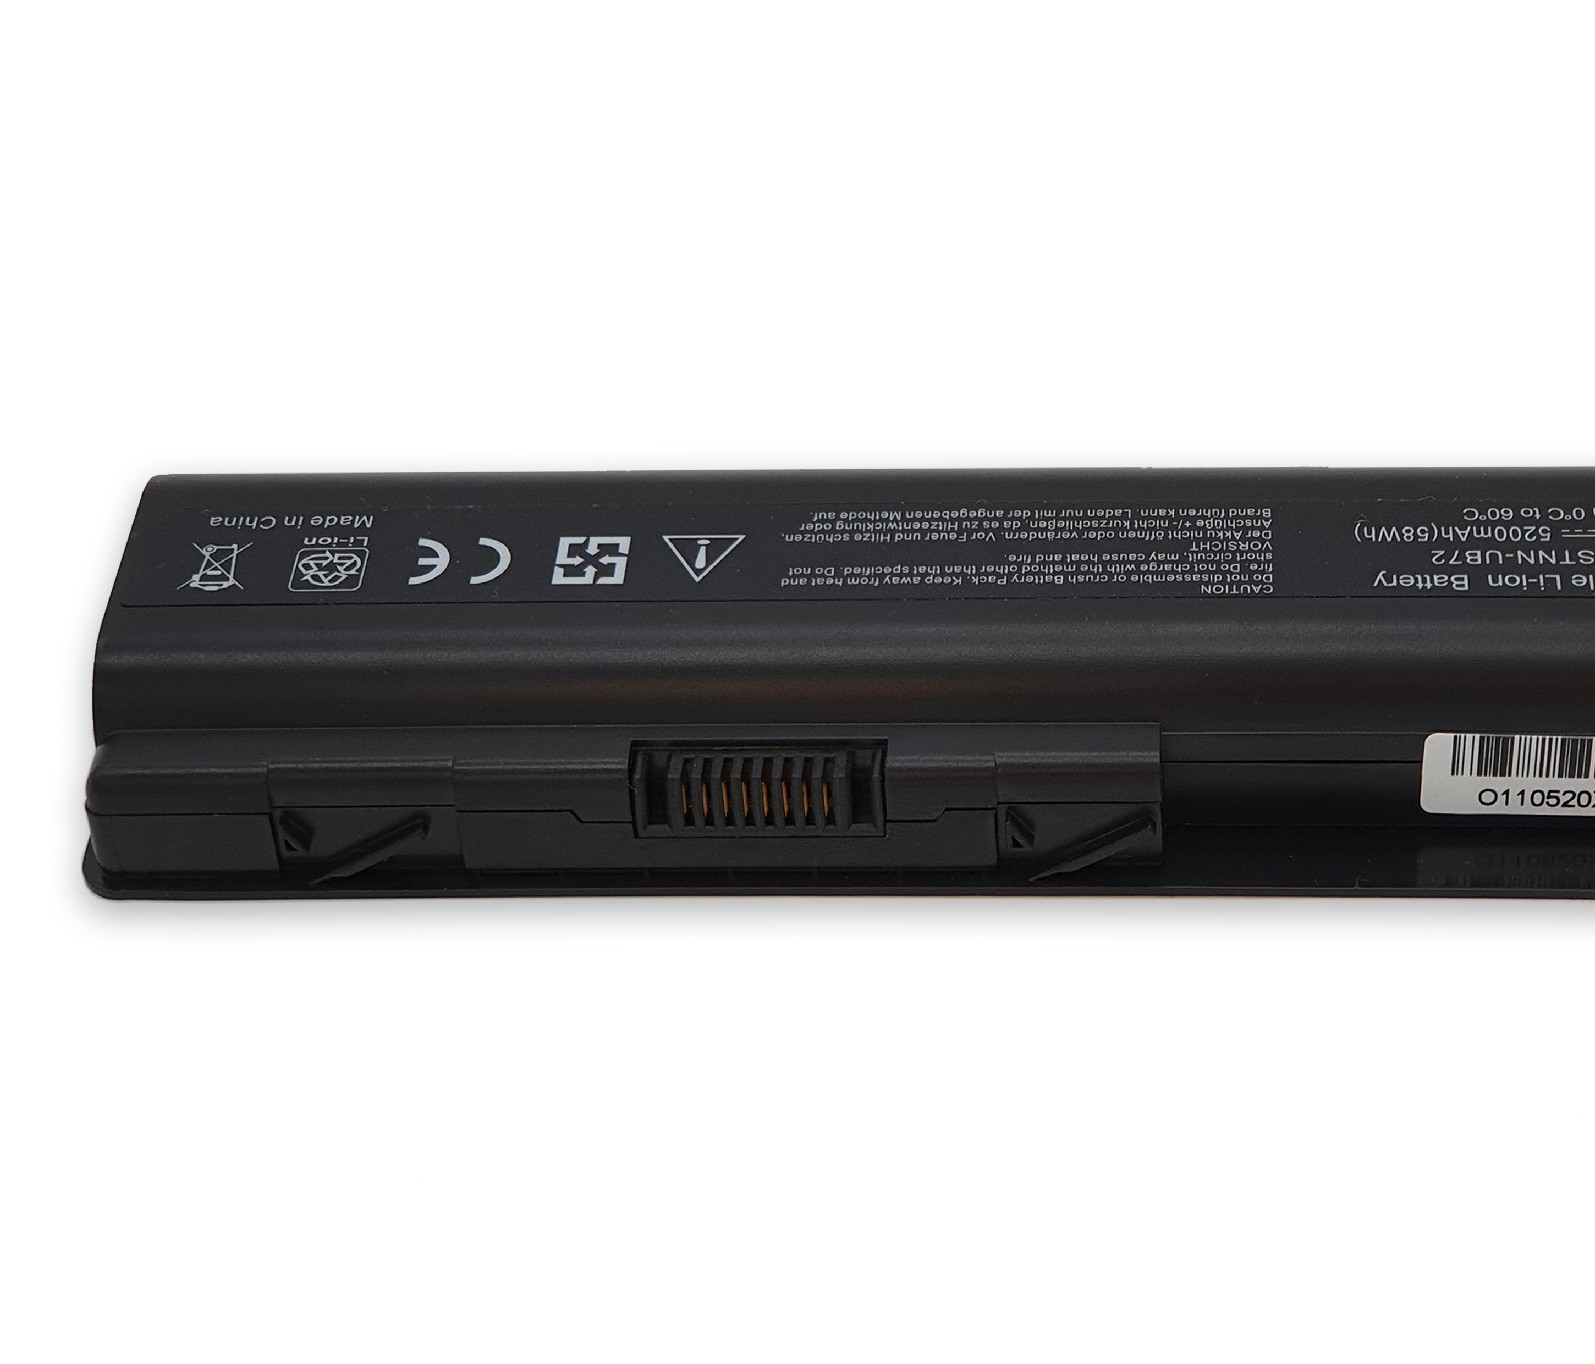 Batteria per Hp CQ40-535 DV5-1080EH CQ61-315SA DV6-2000 da 5200mAh 0109